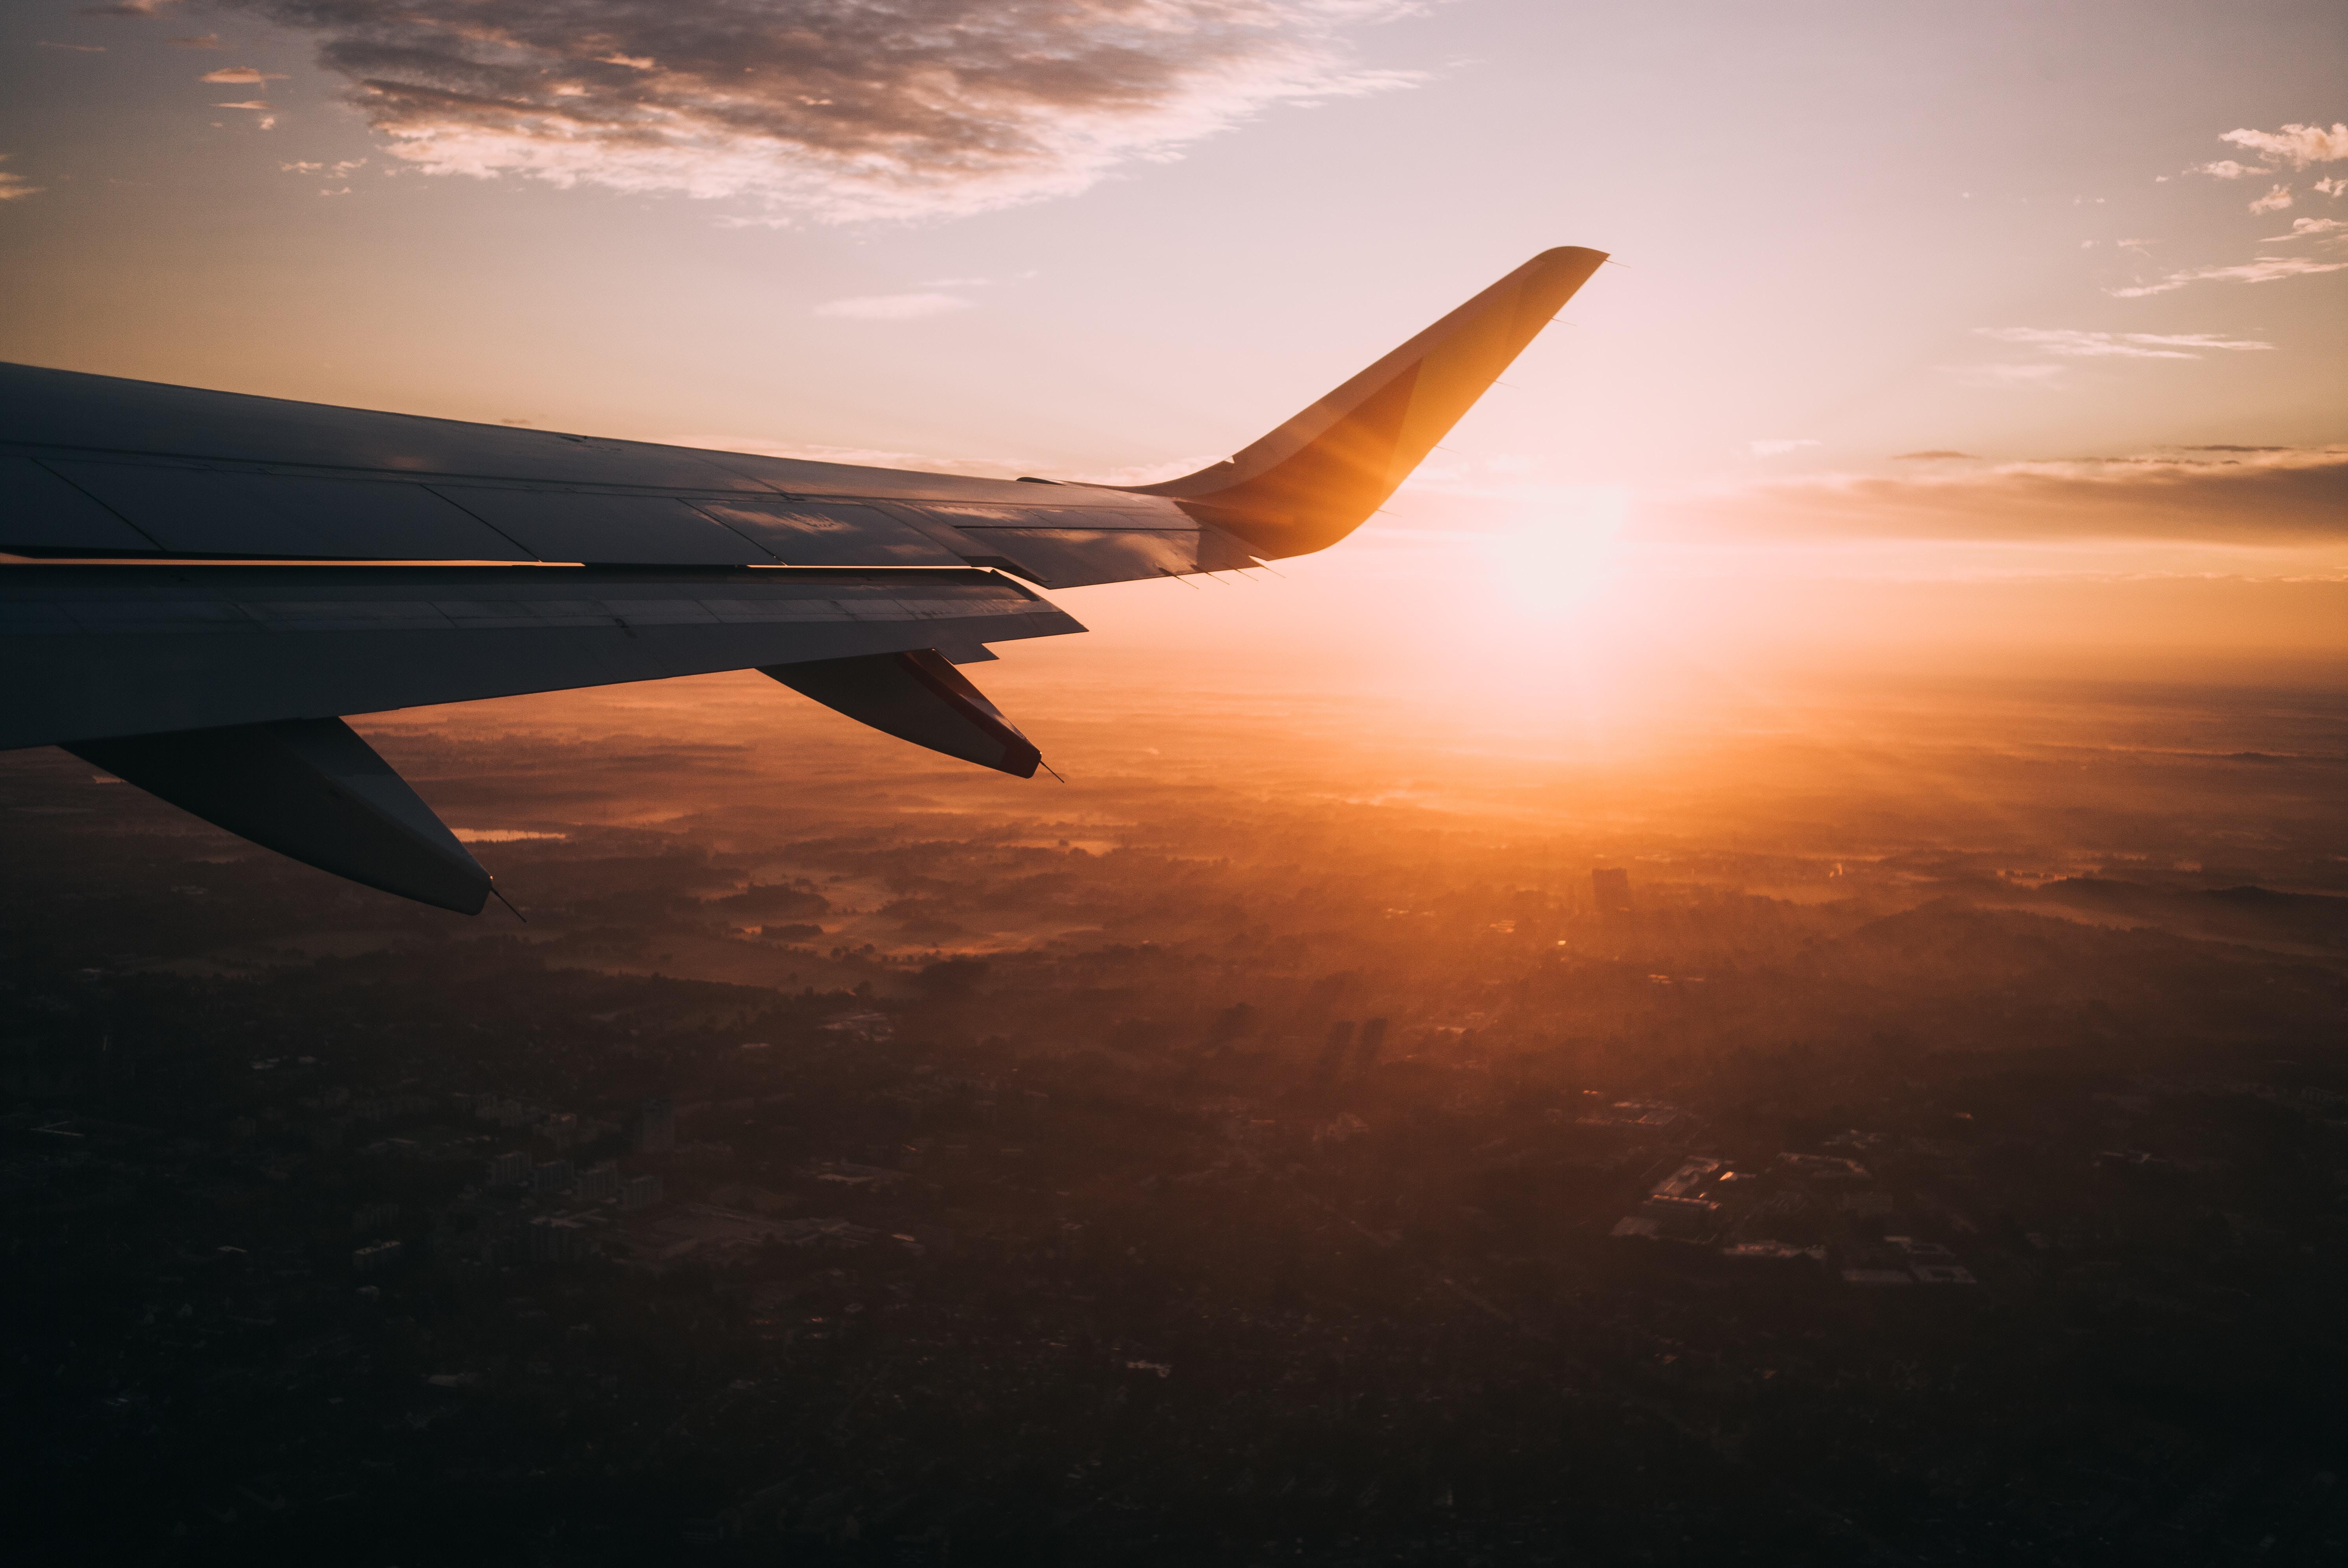 Vliegtuig Côte d'Azur